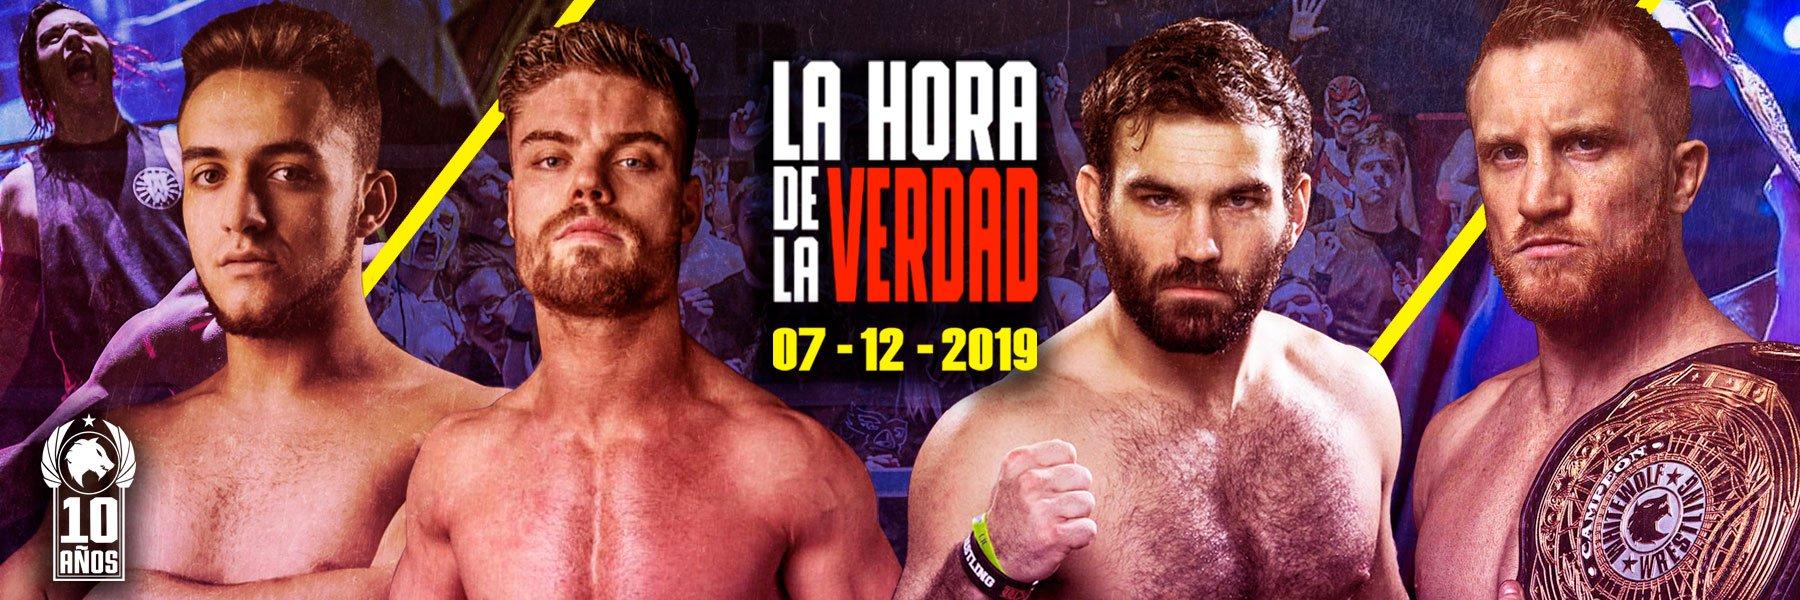 La Hora de la Verdad - Full Show - 07/12/2019